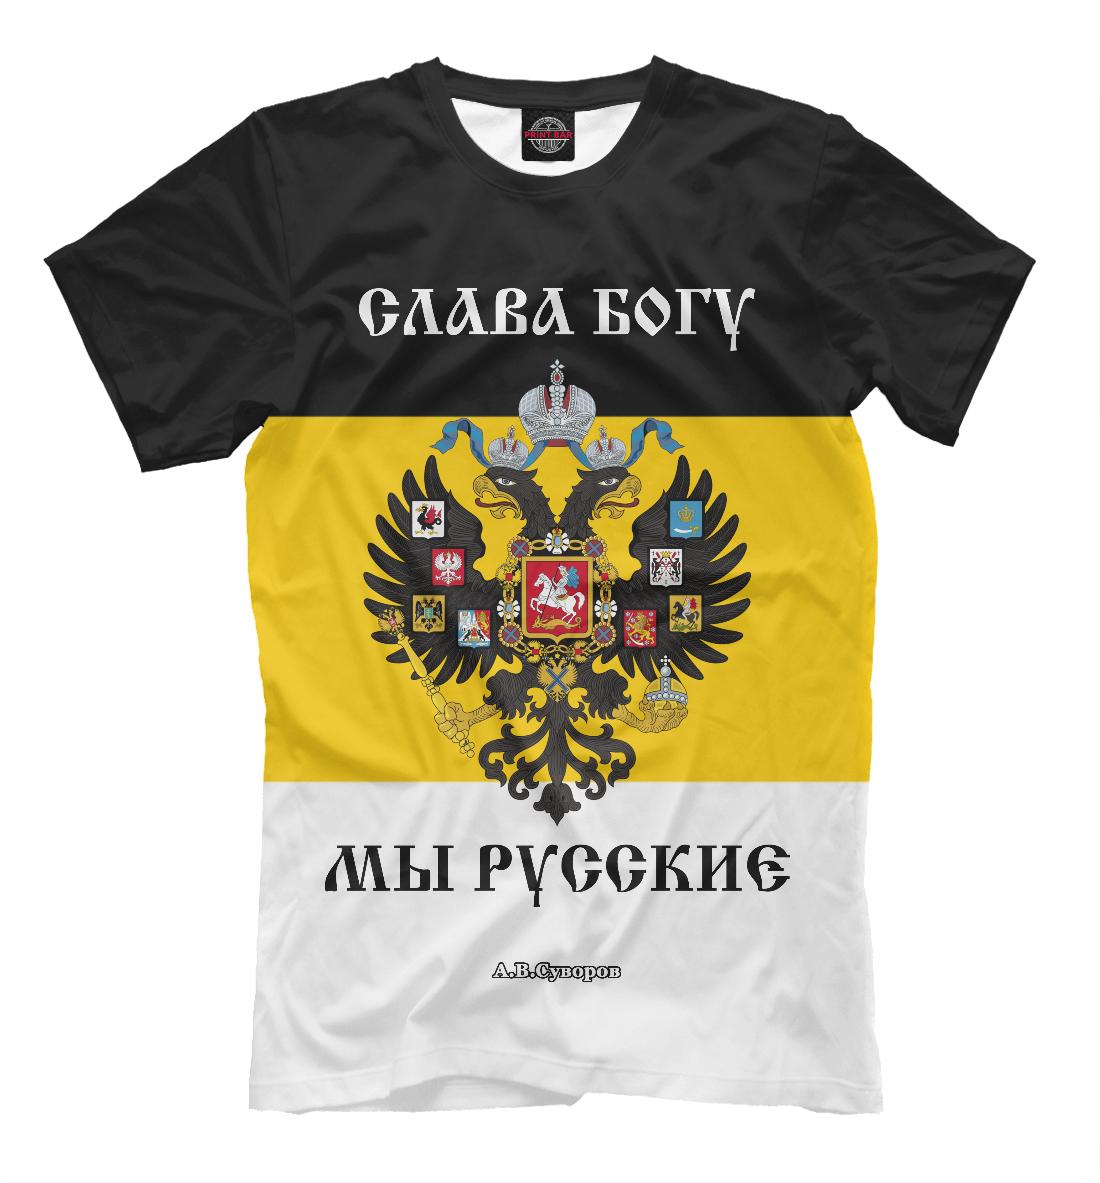 Купить Мы Русские, Printbar, Футболки, SVN-312279-fut-2